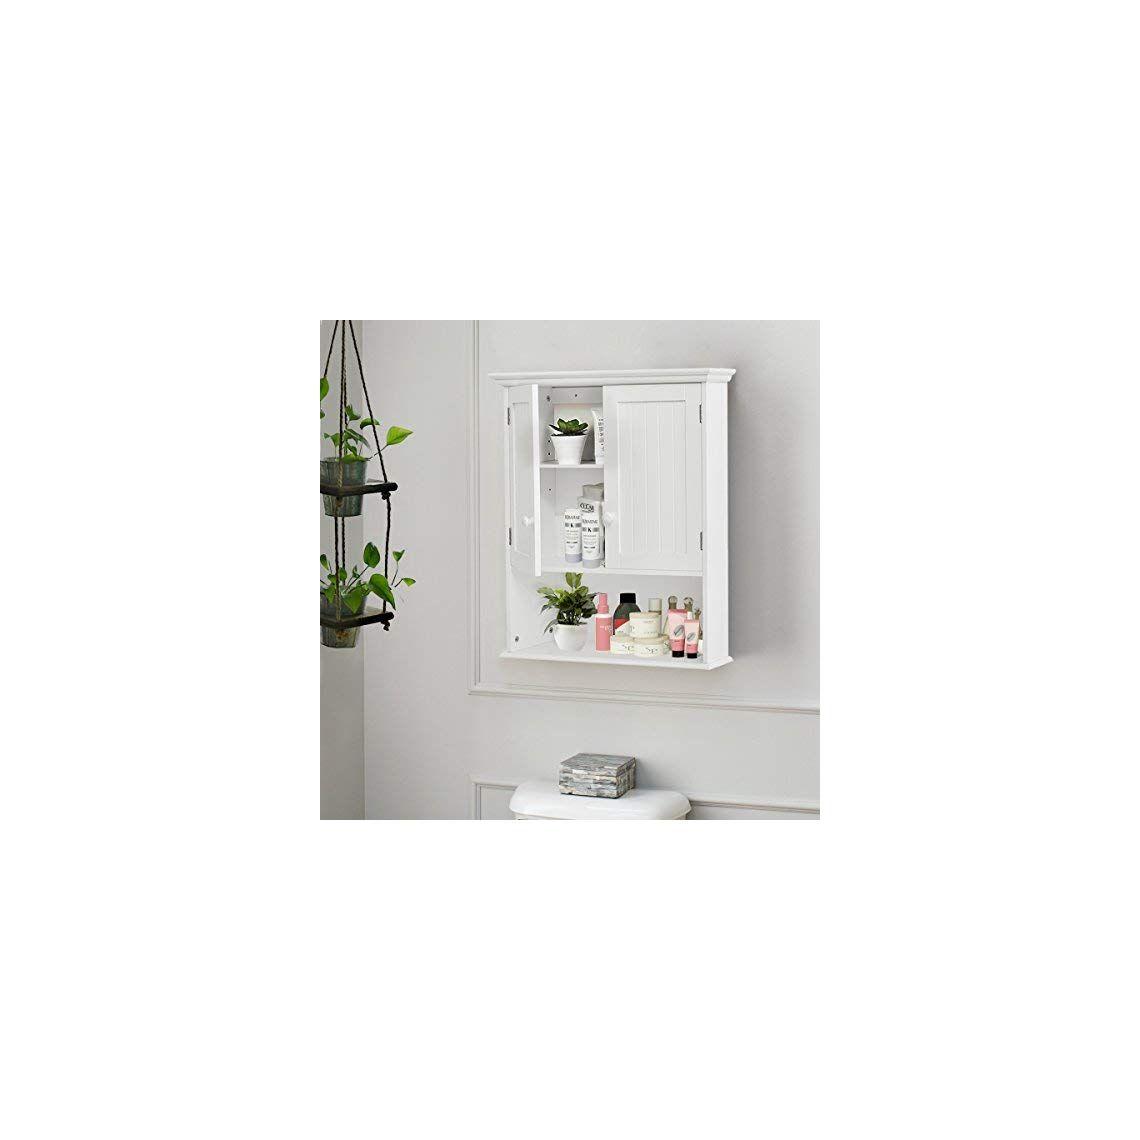 Godmorgon Veggskap Med 1 Dor Hoyglans Hvit Ikea Ikea Godmorgon Wall Cabinet Bathroom Wall Cabinets